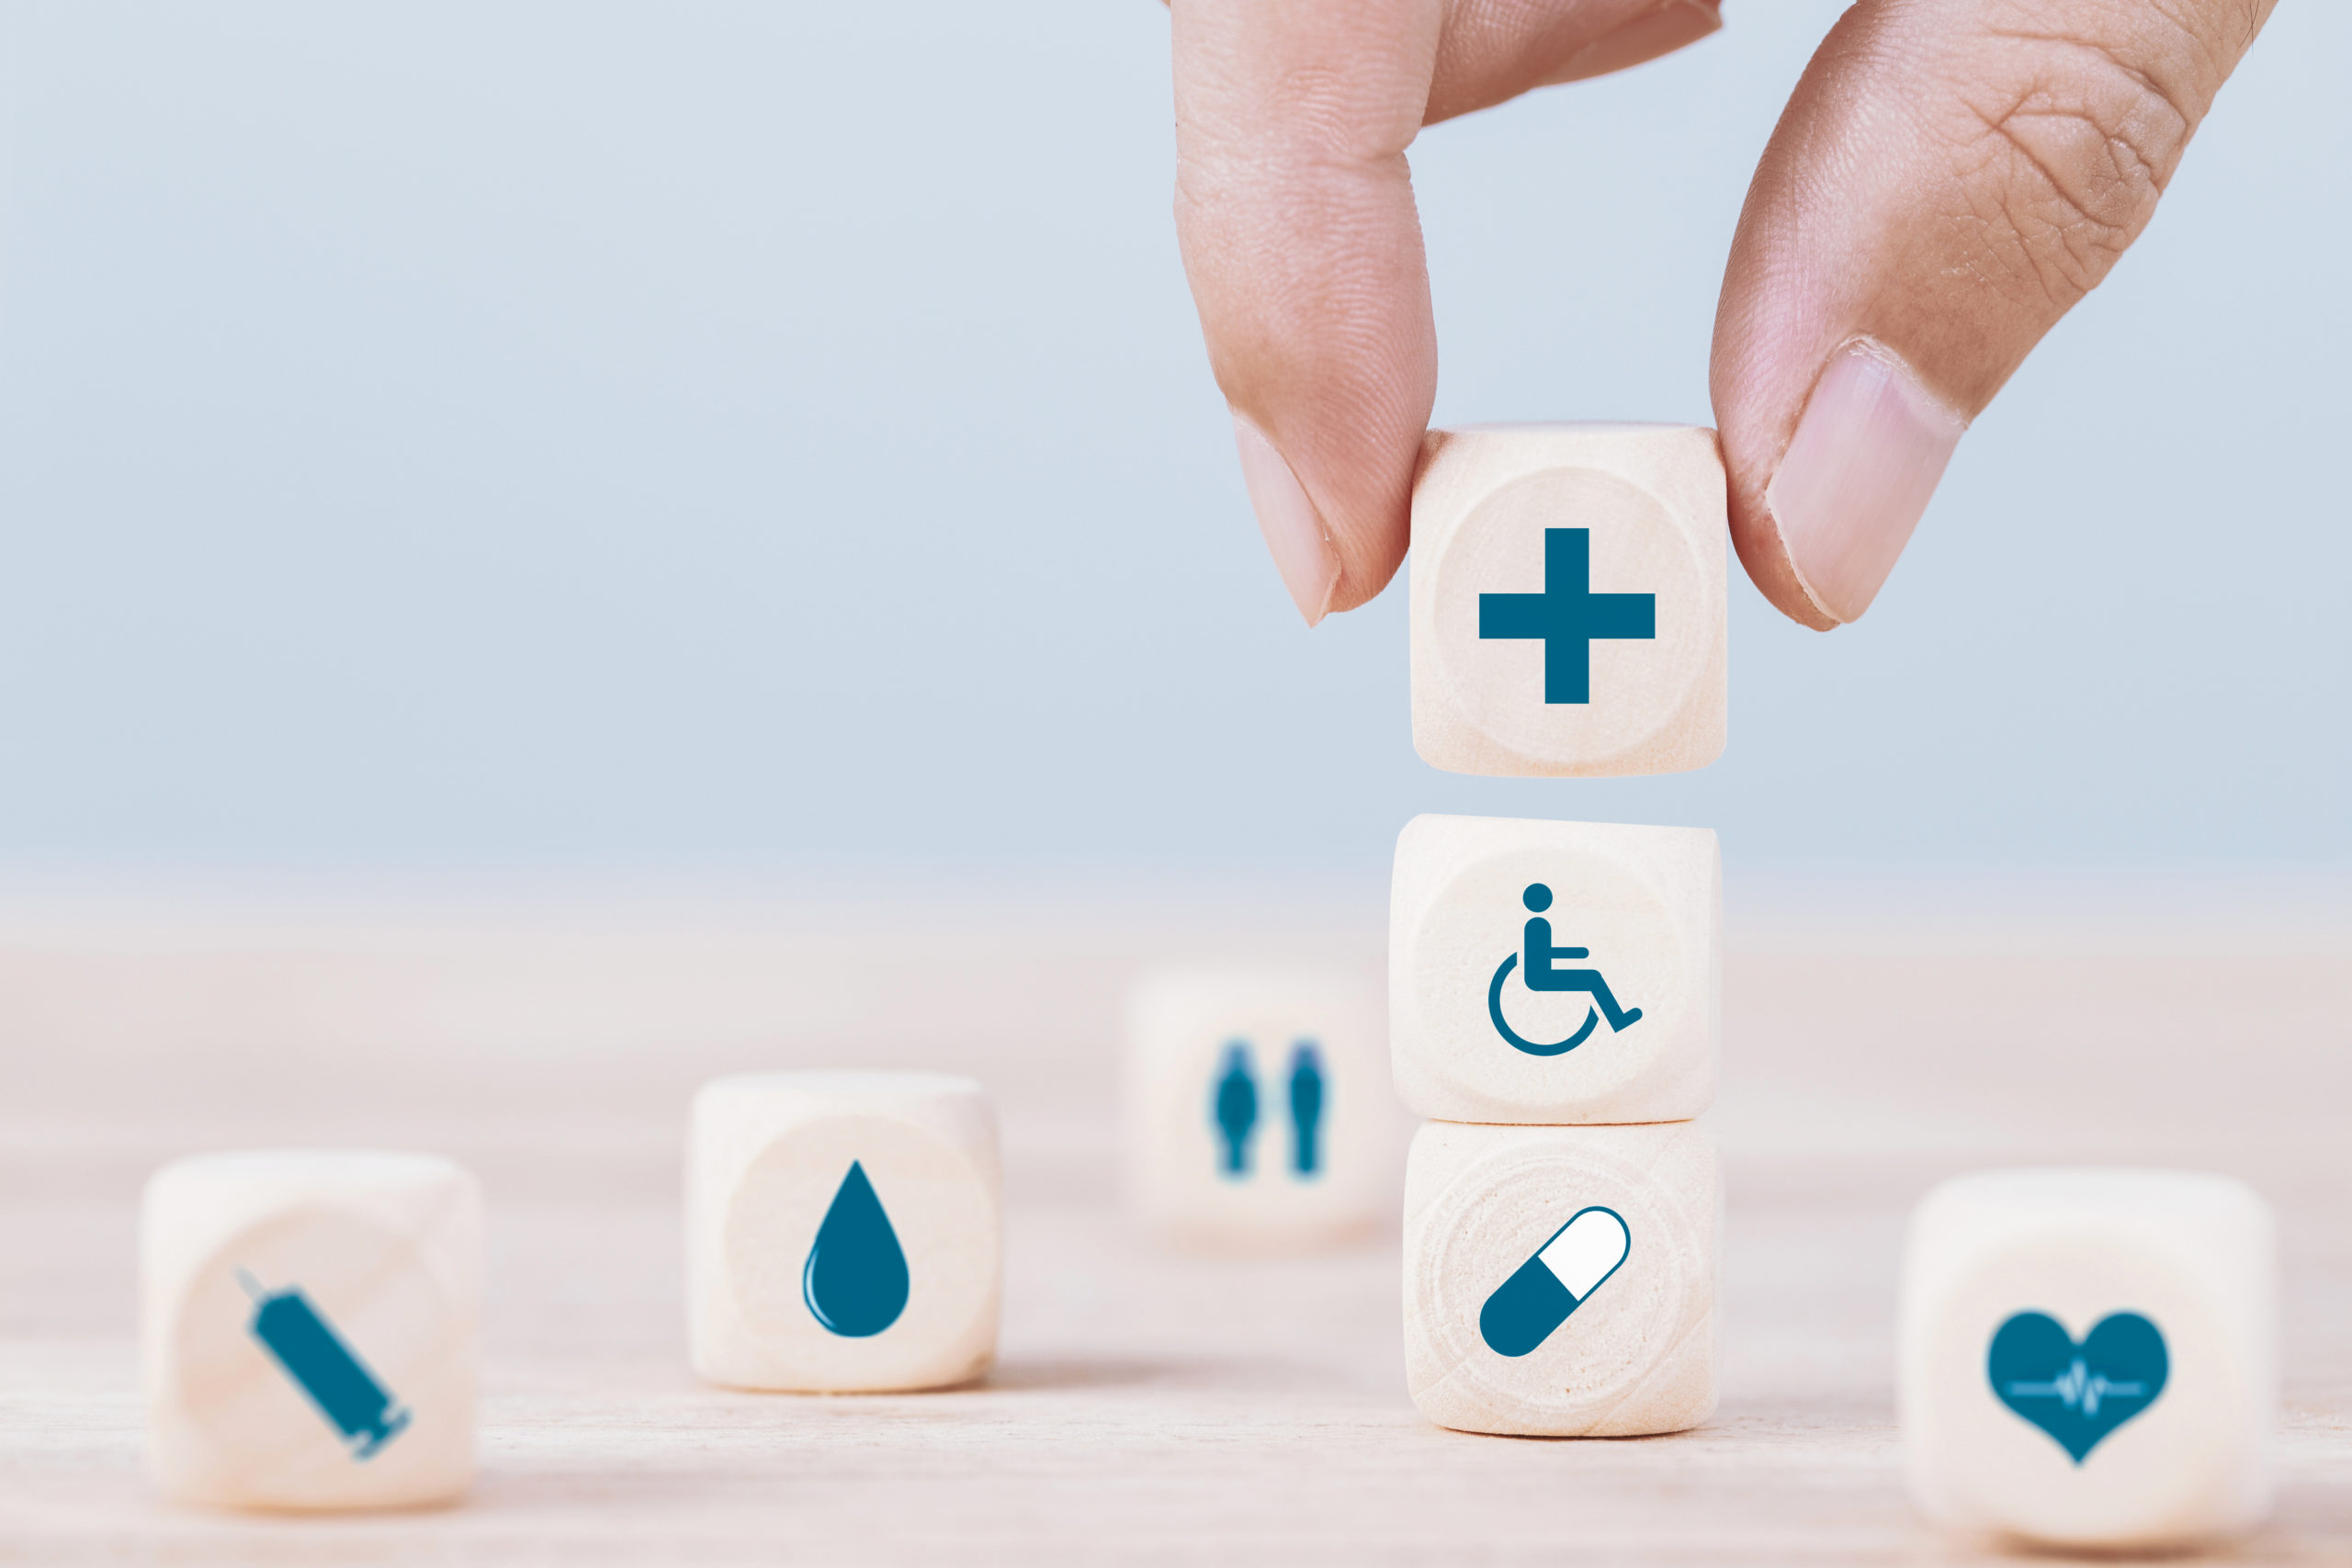 Choix de symboles pour la santé